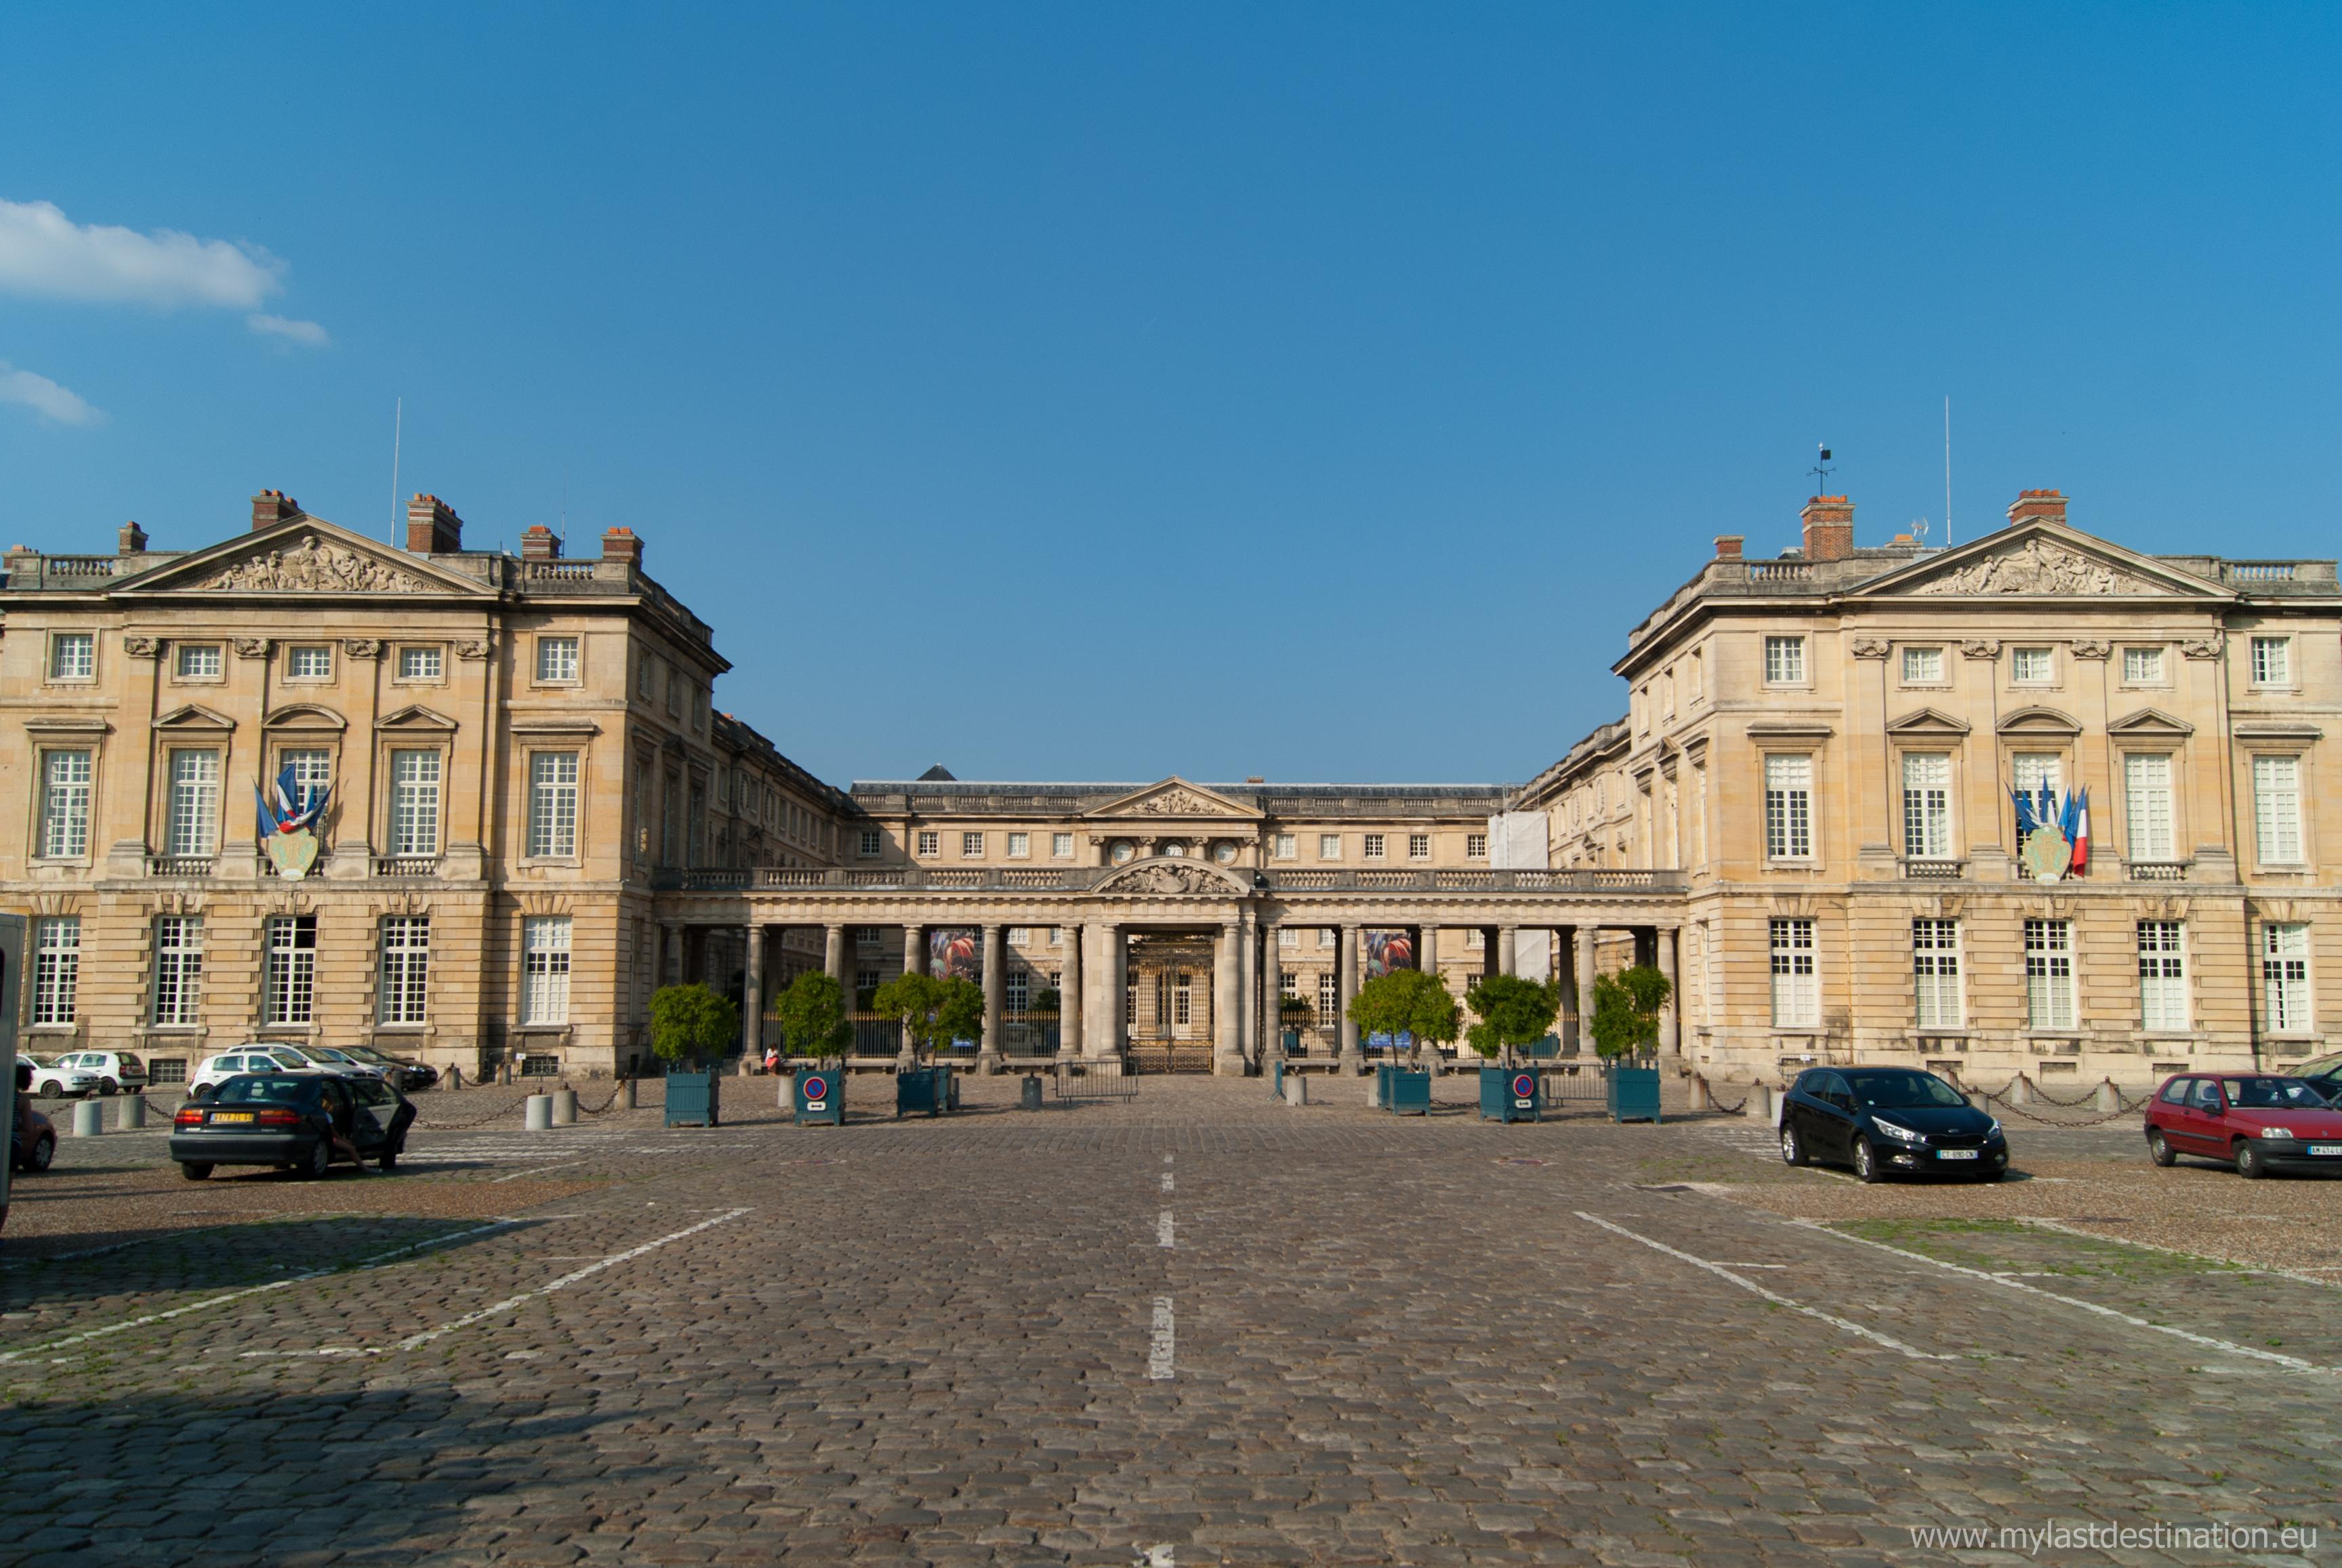 Enciclopedia De WikipediaLa Palacio Compiègne Libre Ygy7bf6v